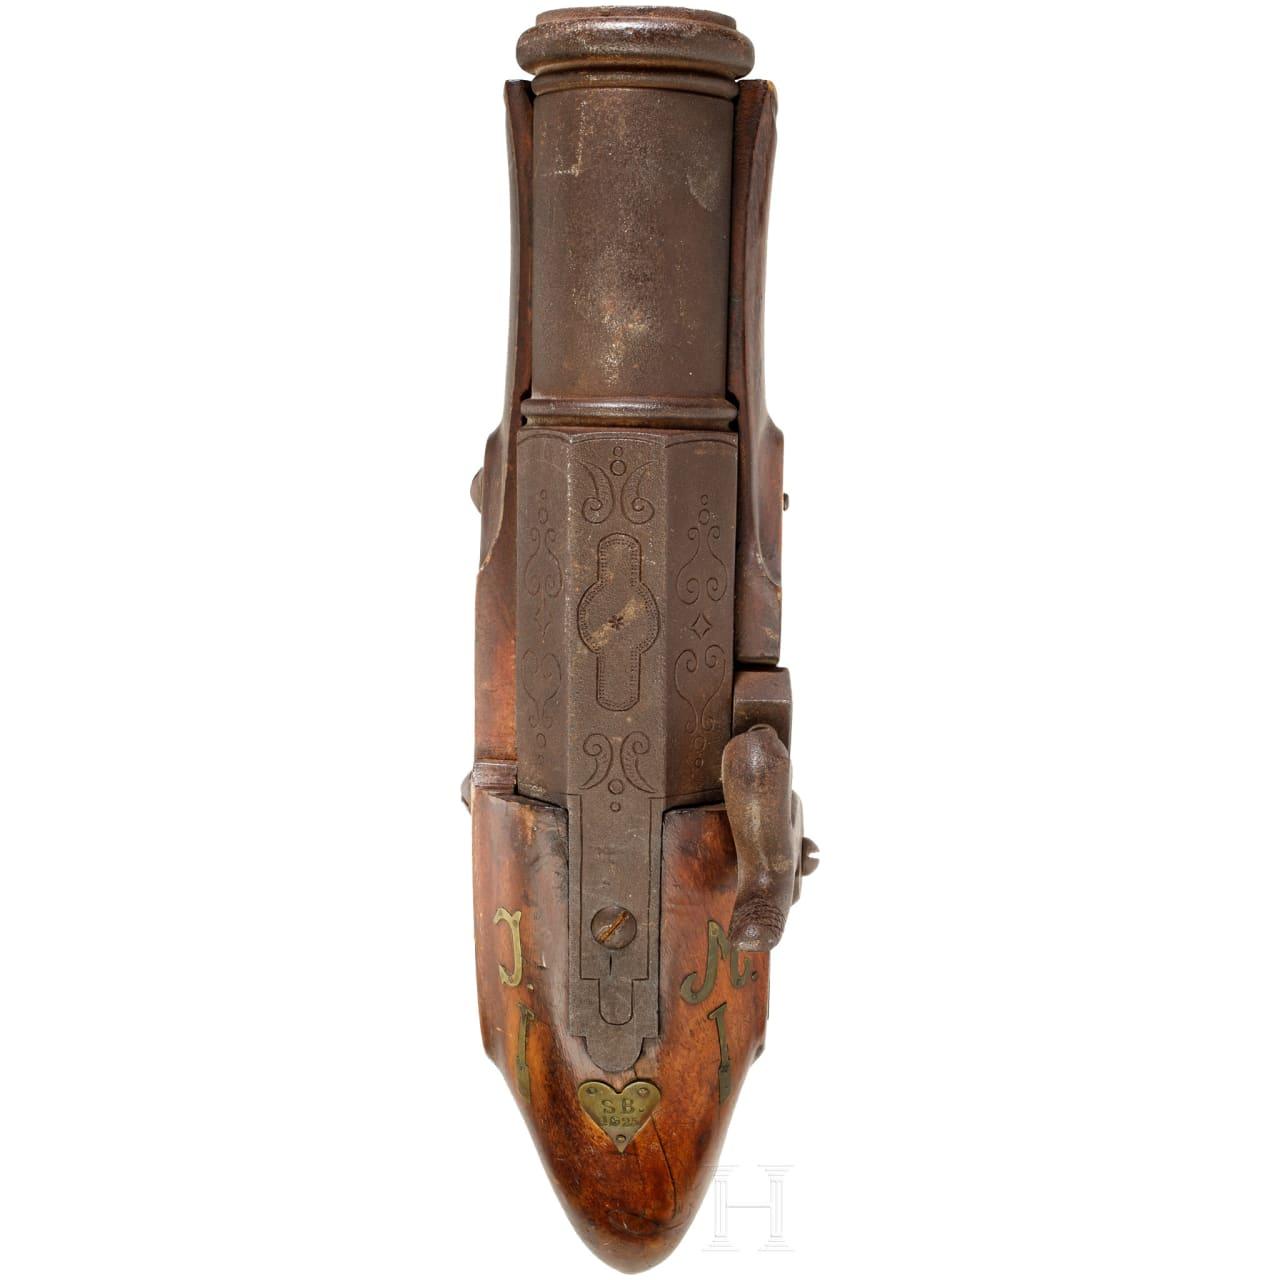 Handböller, süddeutsch, datiert 1925